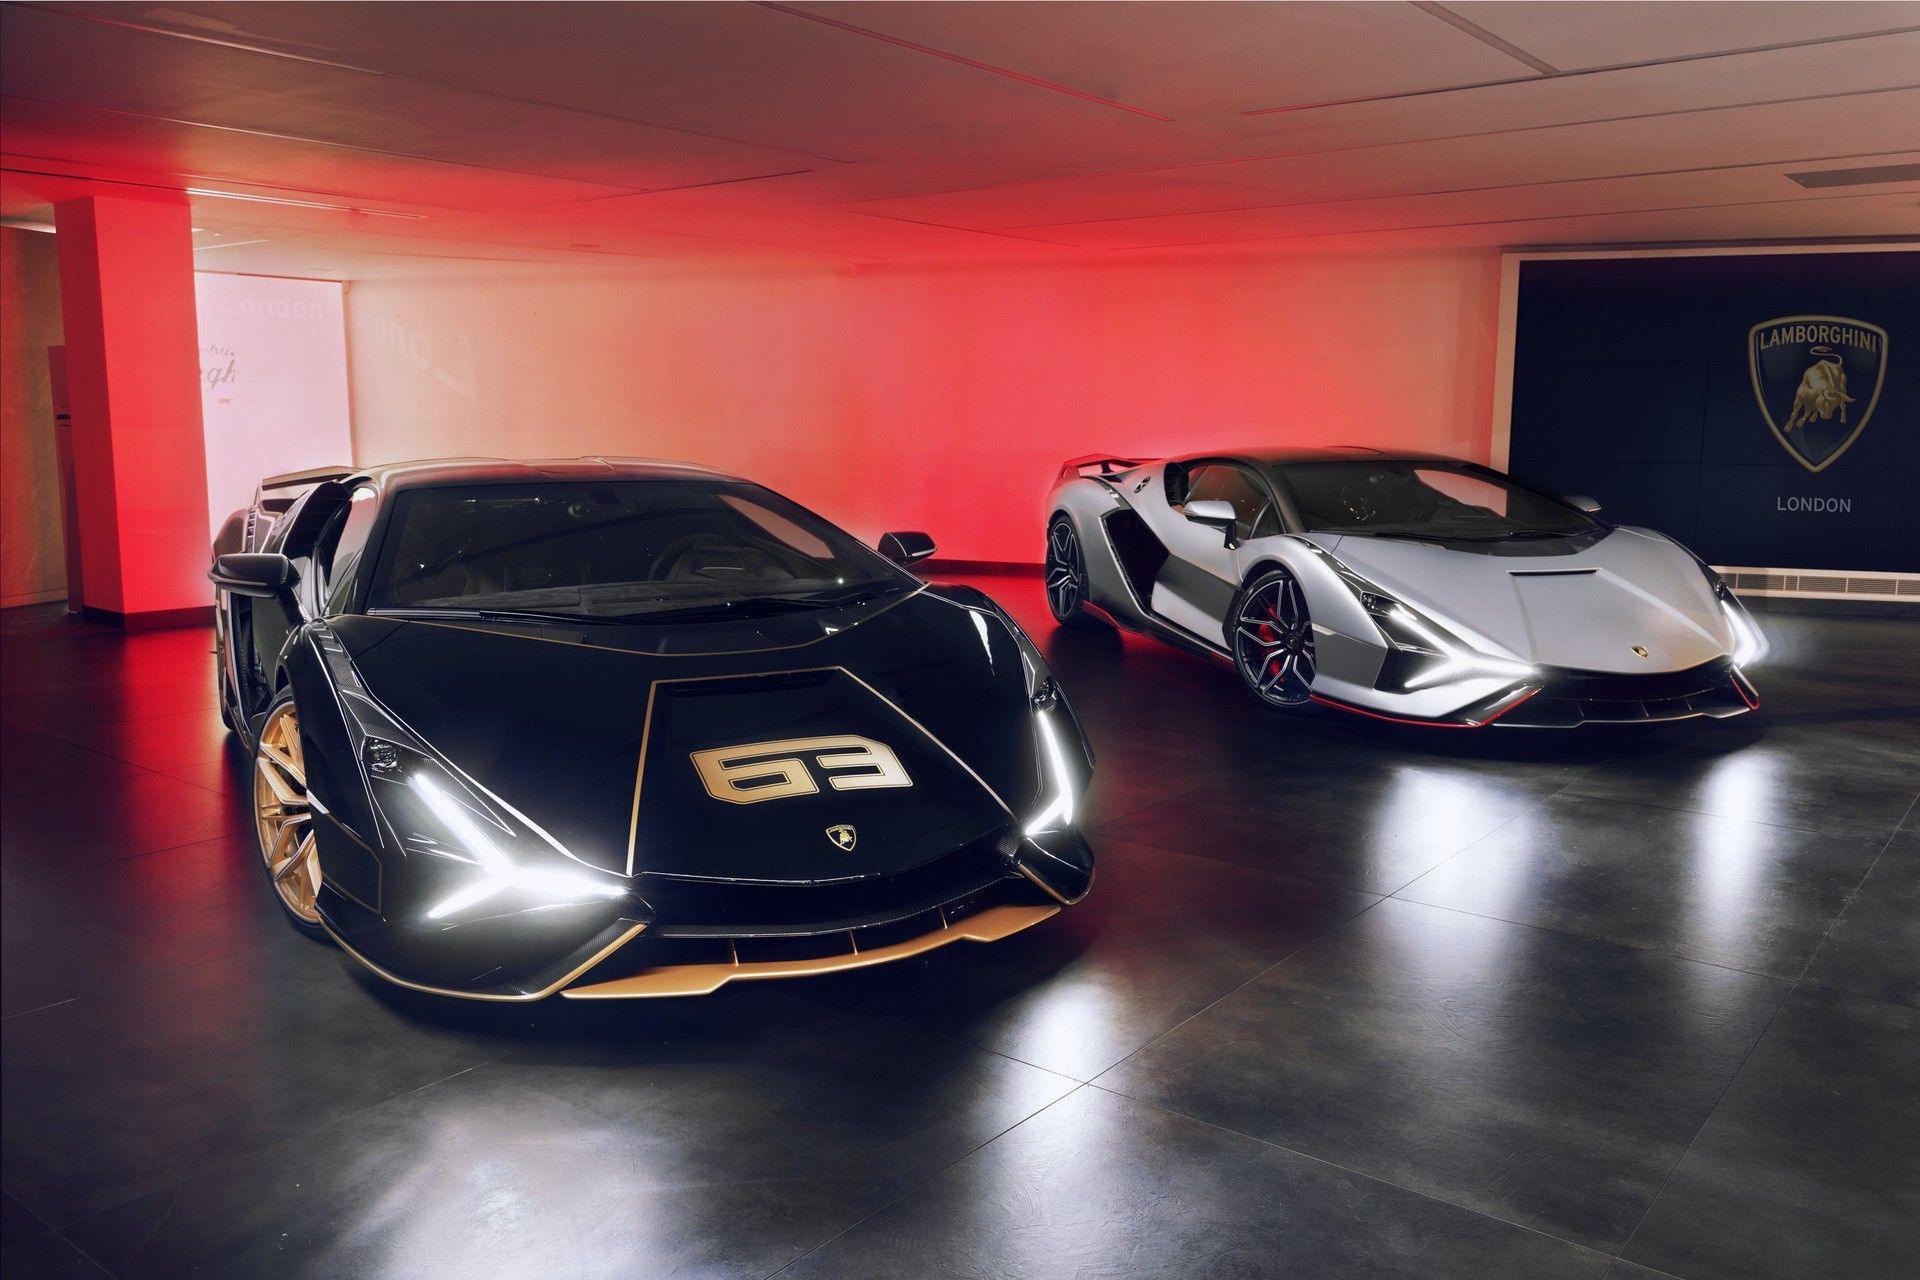 Lamborghini_Sian_London_0009